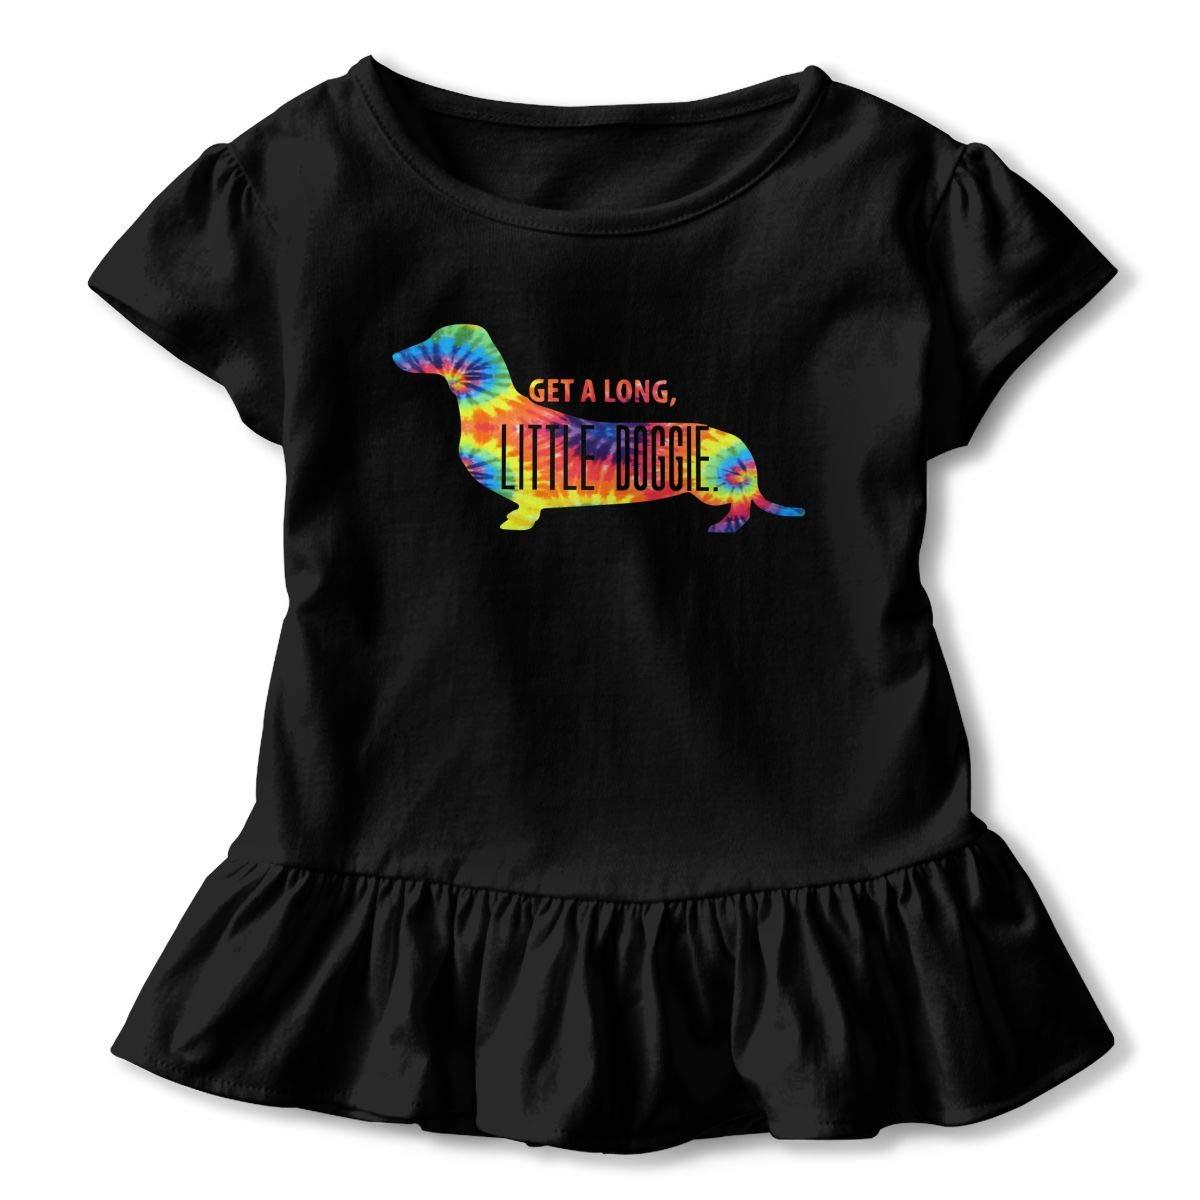 Cheng Jian Bo Doggie Tie Dye Daschund Toddler Girls T Shirt Kids Cotton Short Sleeve Ruffle Tee